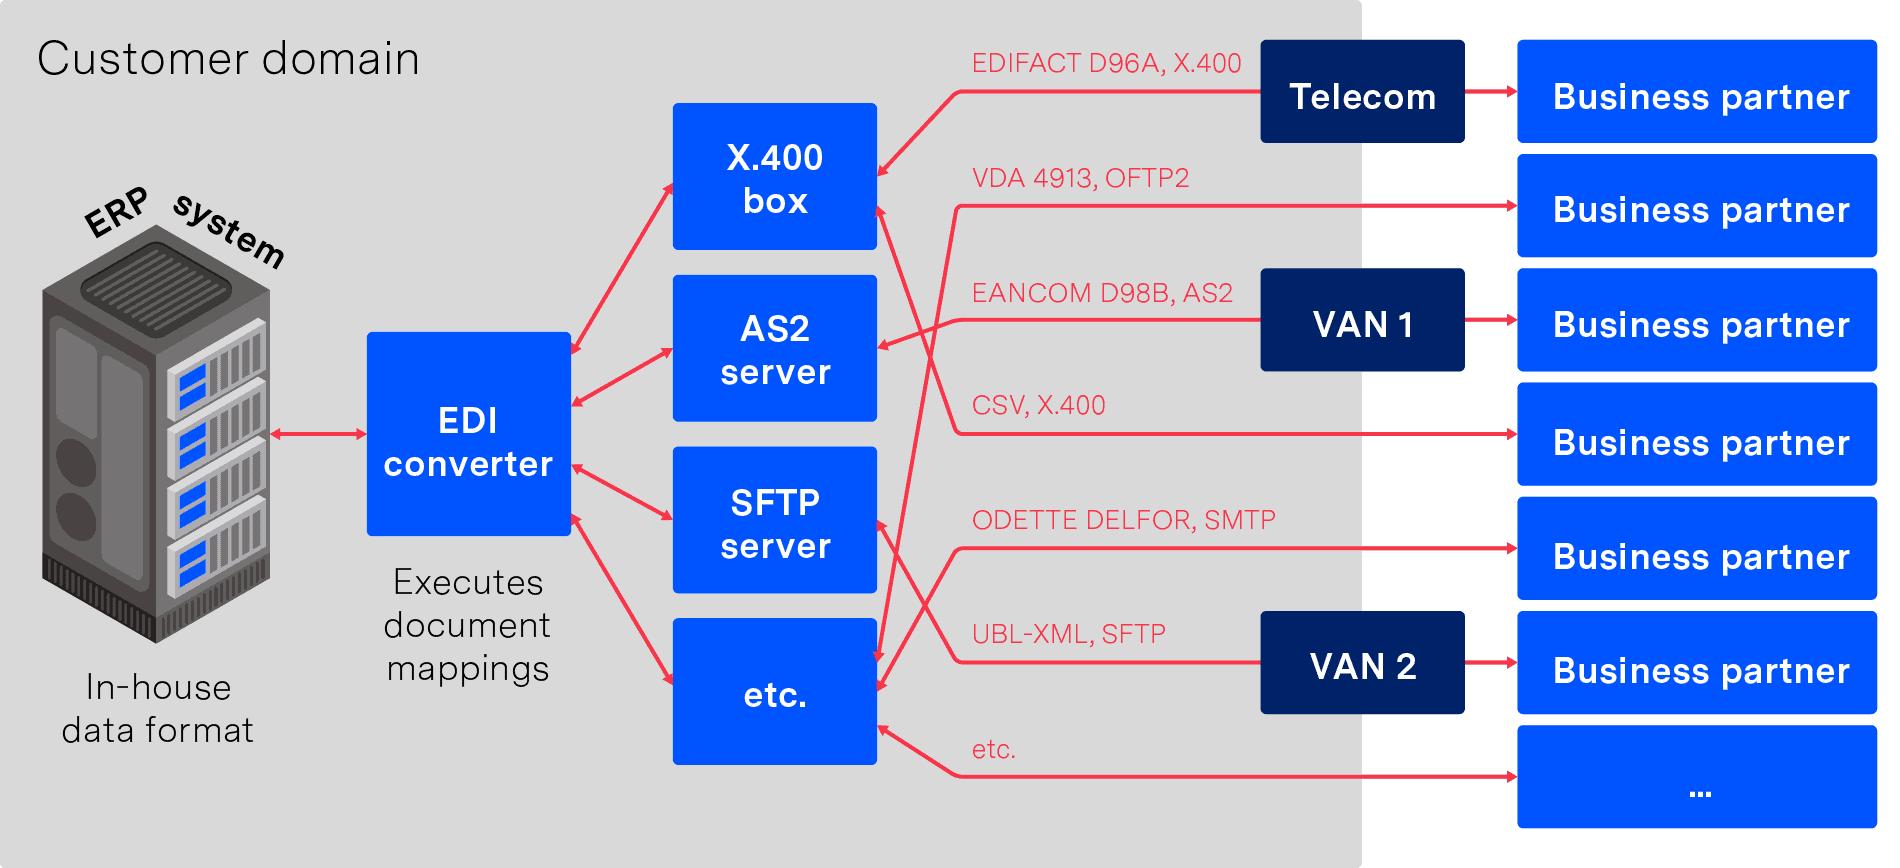 VAN connections